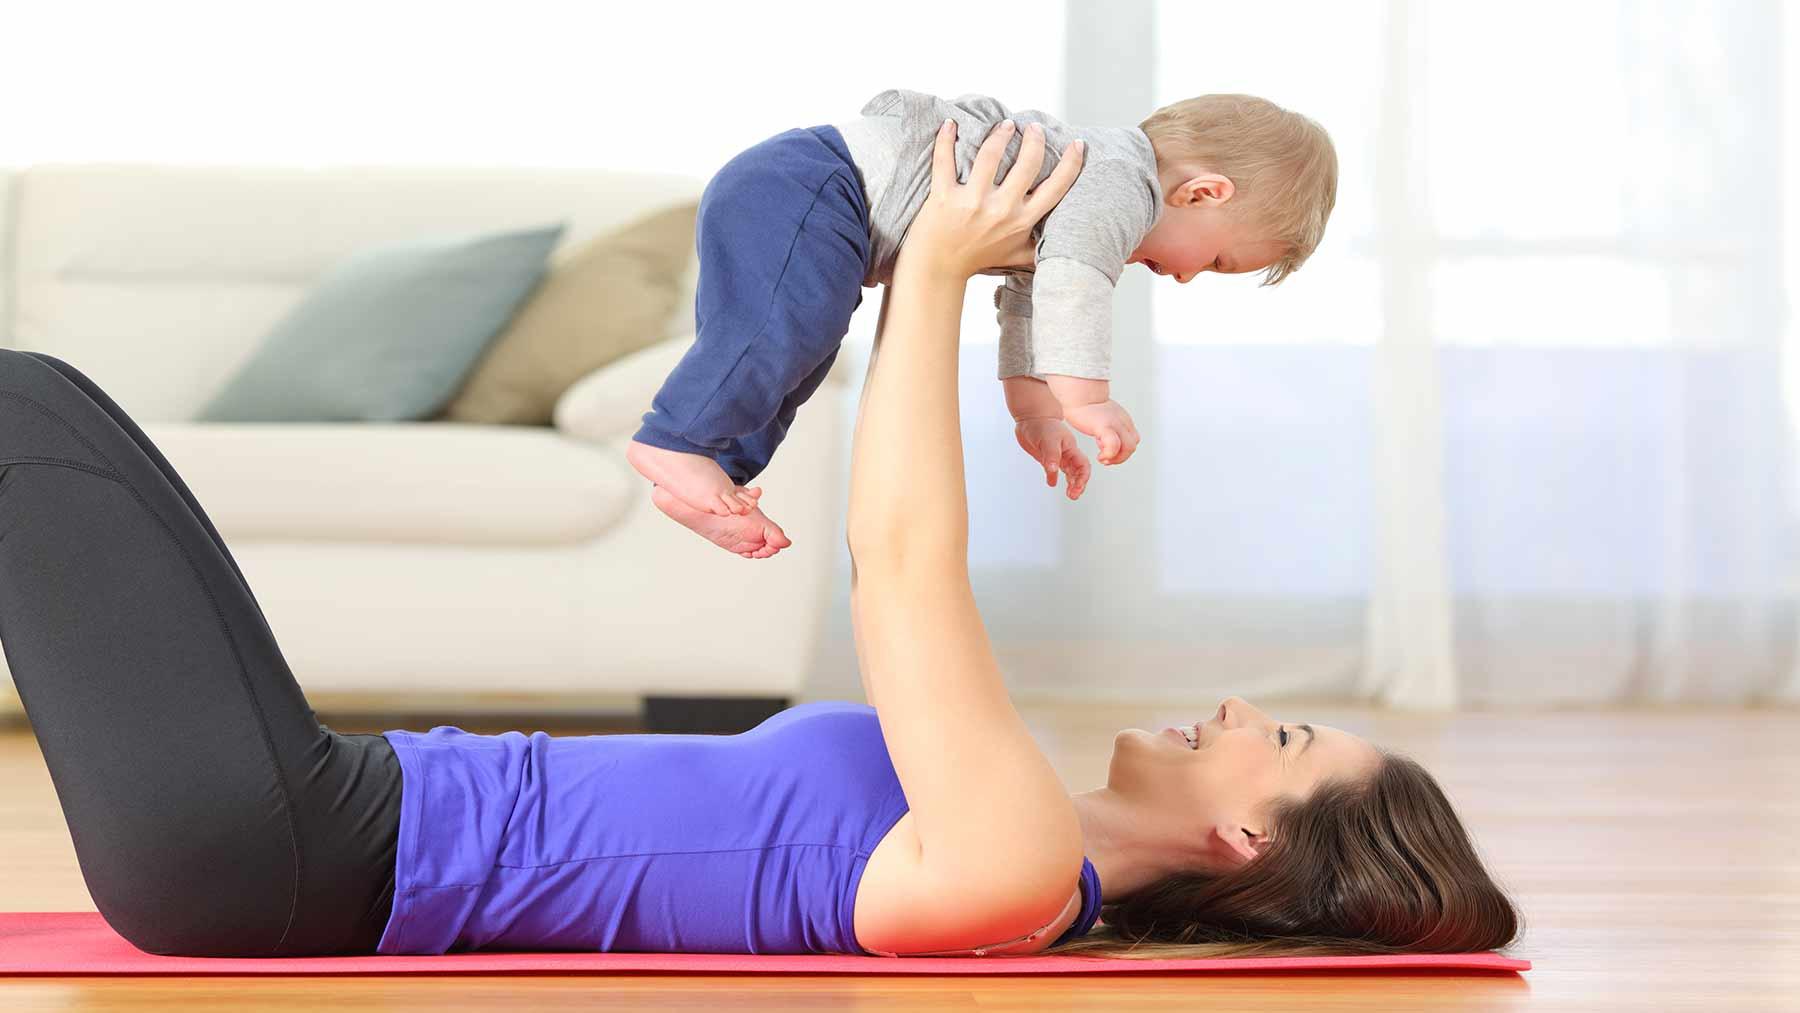 restore breasts after childbirth